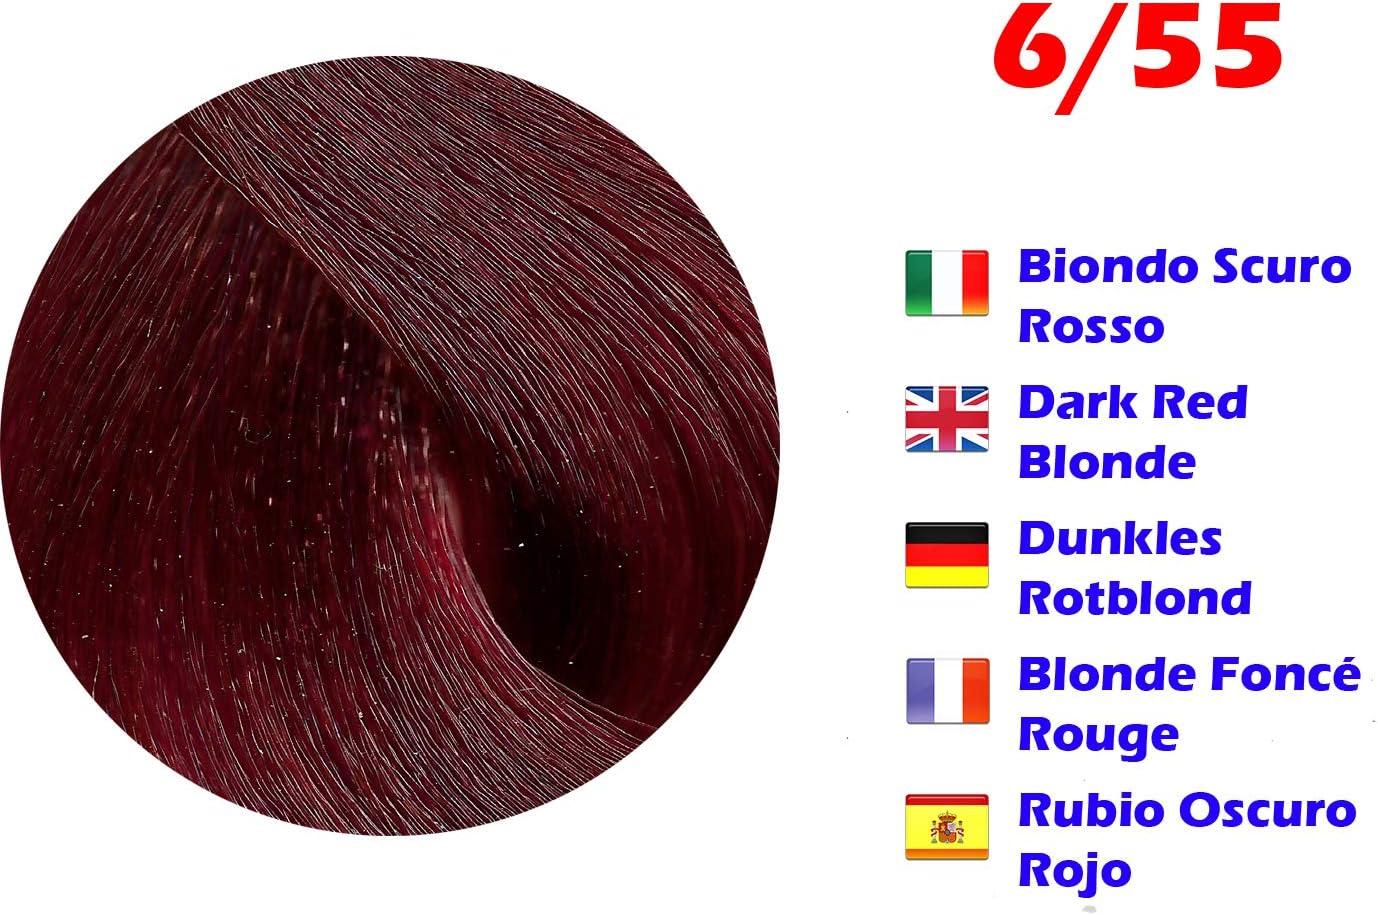 Tinte de Pelo Profesional Rubio Oscuro Rojo Extreme con Amoníaco 6/55 Permanente 100ml Made in Italy